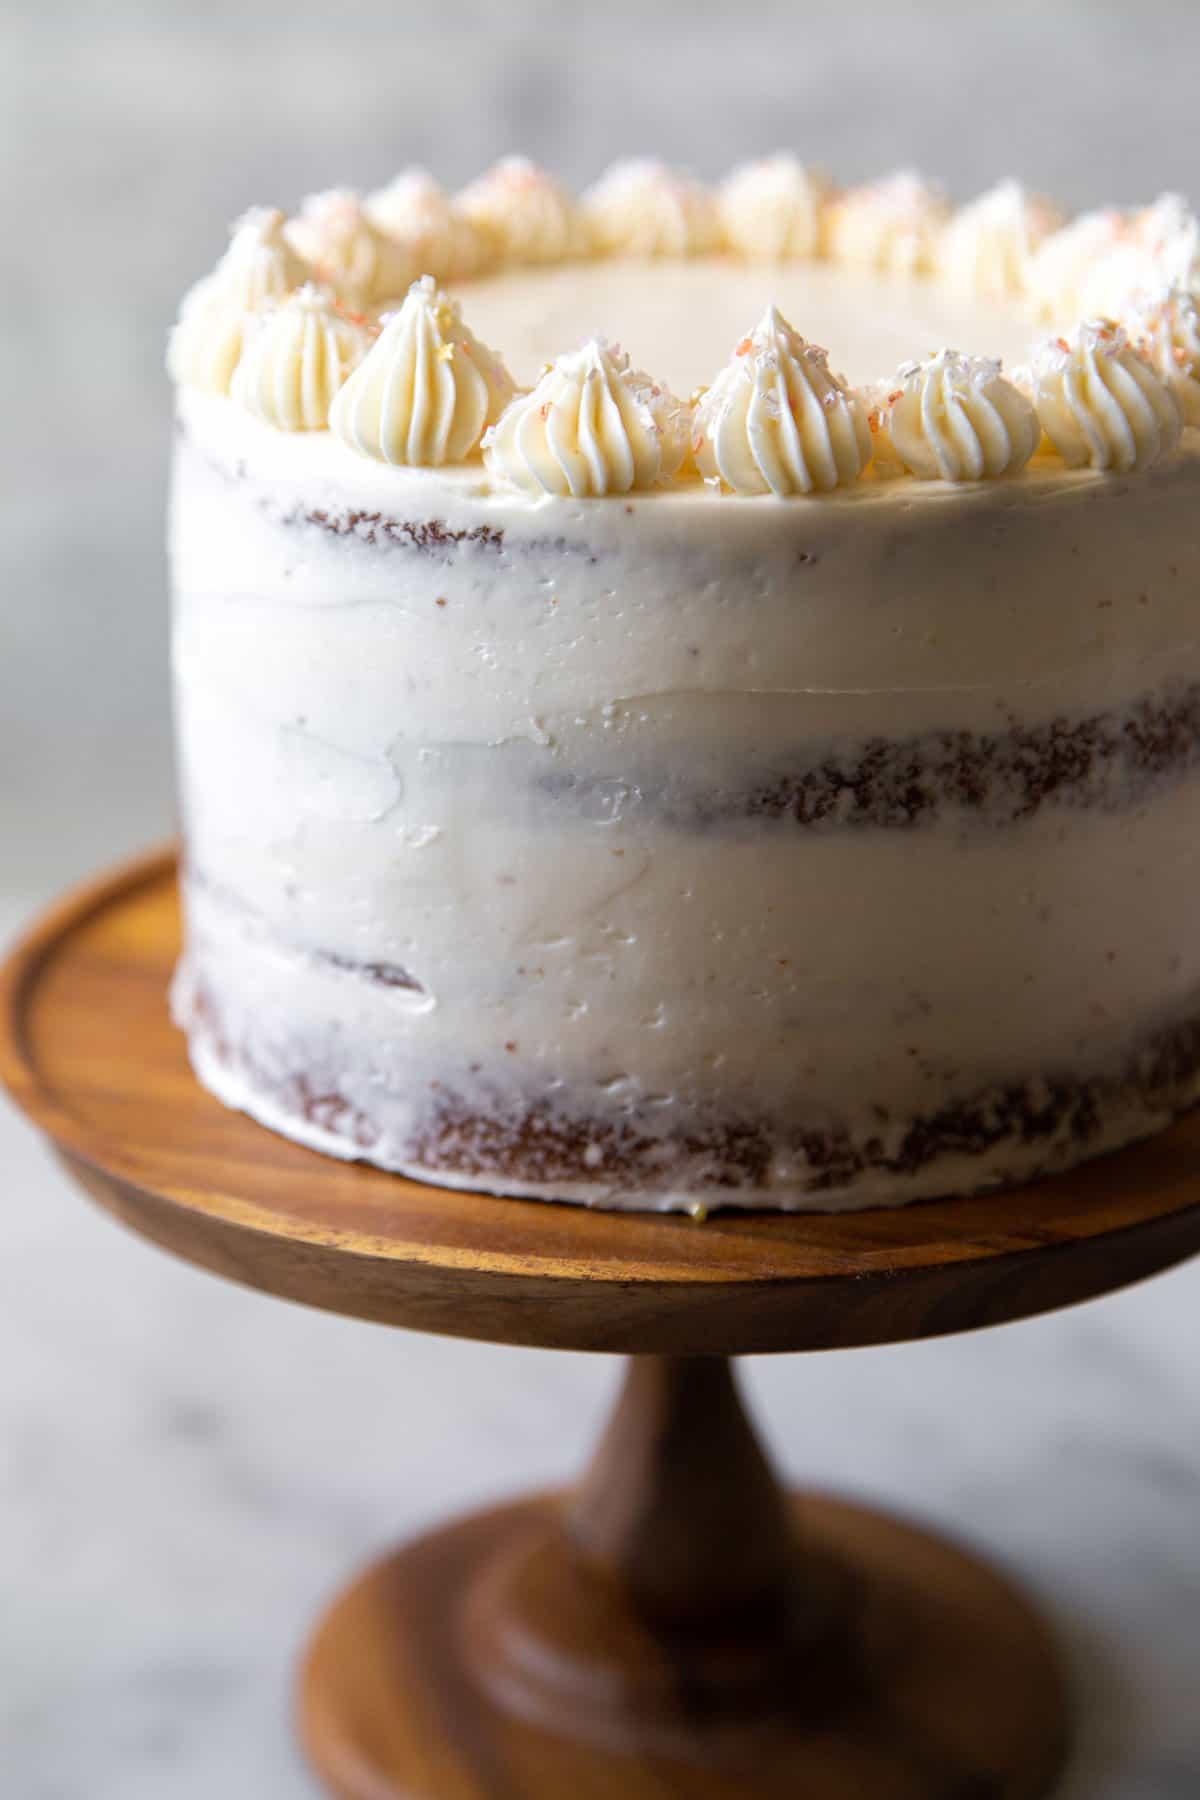 Banana cream cake with fresh bananas and vanilla pastry cream